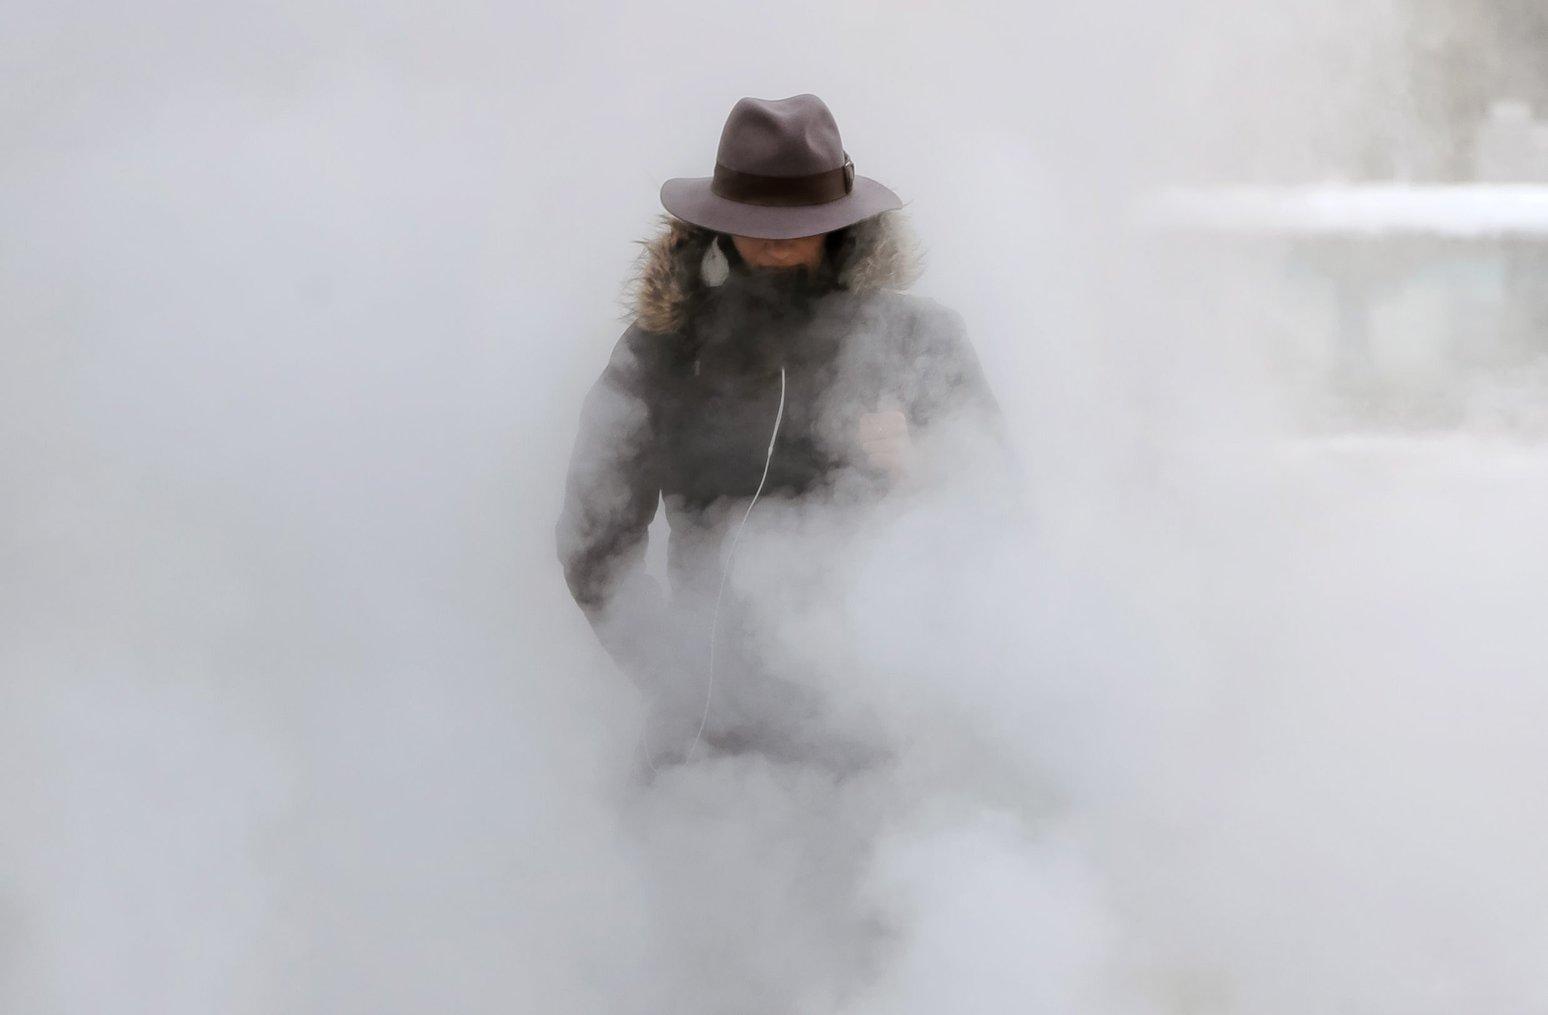 Föld alatti szellőztetőből feltörő gőzfelhőben egy nő Bukarestben 2017. január 10-én, amikor a levegő hőmérséklete -20 Celsius-fok alá süllyedt a román fővárosban (MTI/AP/Vadim Ghirda)